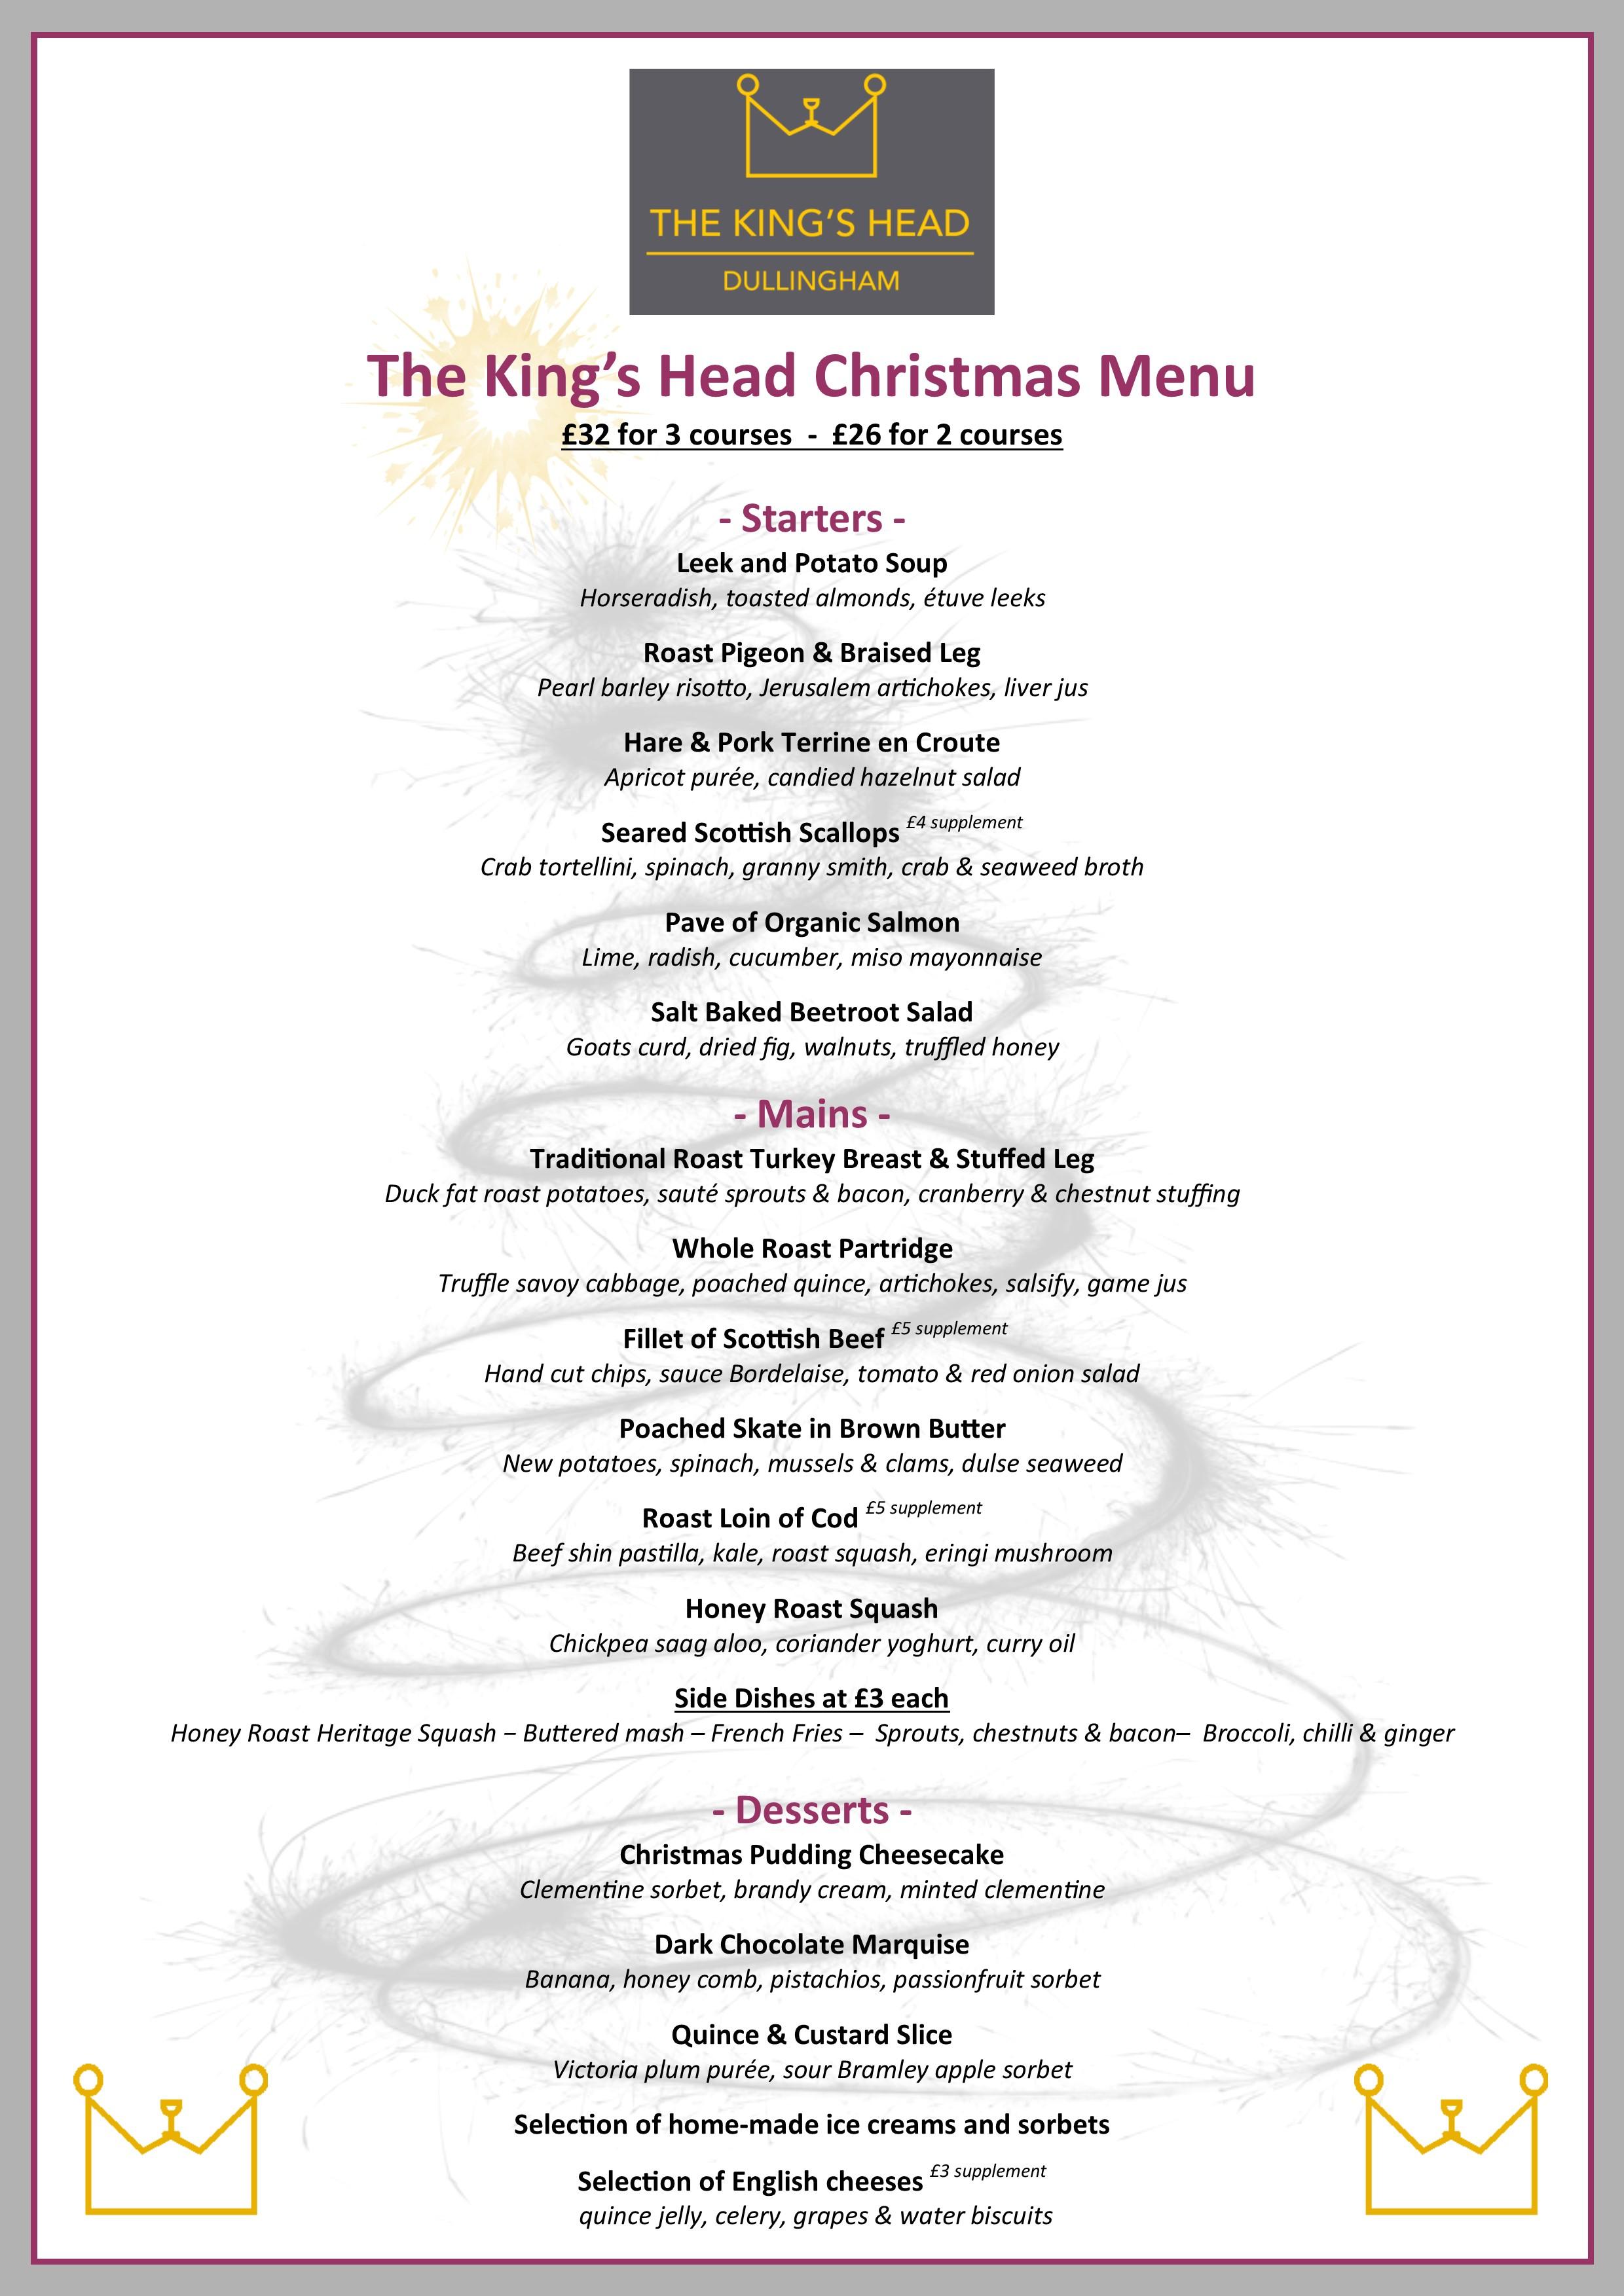 khd-christmas-menu-2016-for-the-website